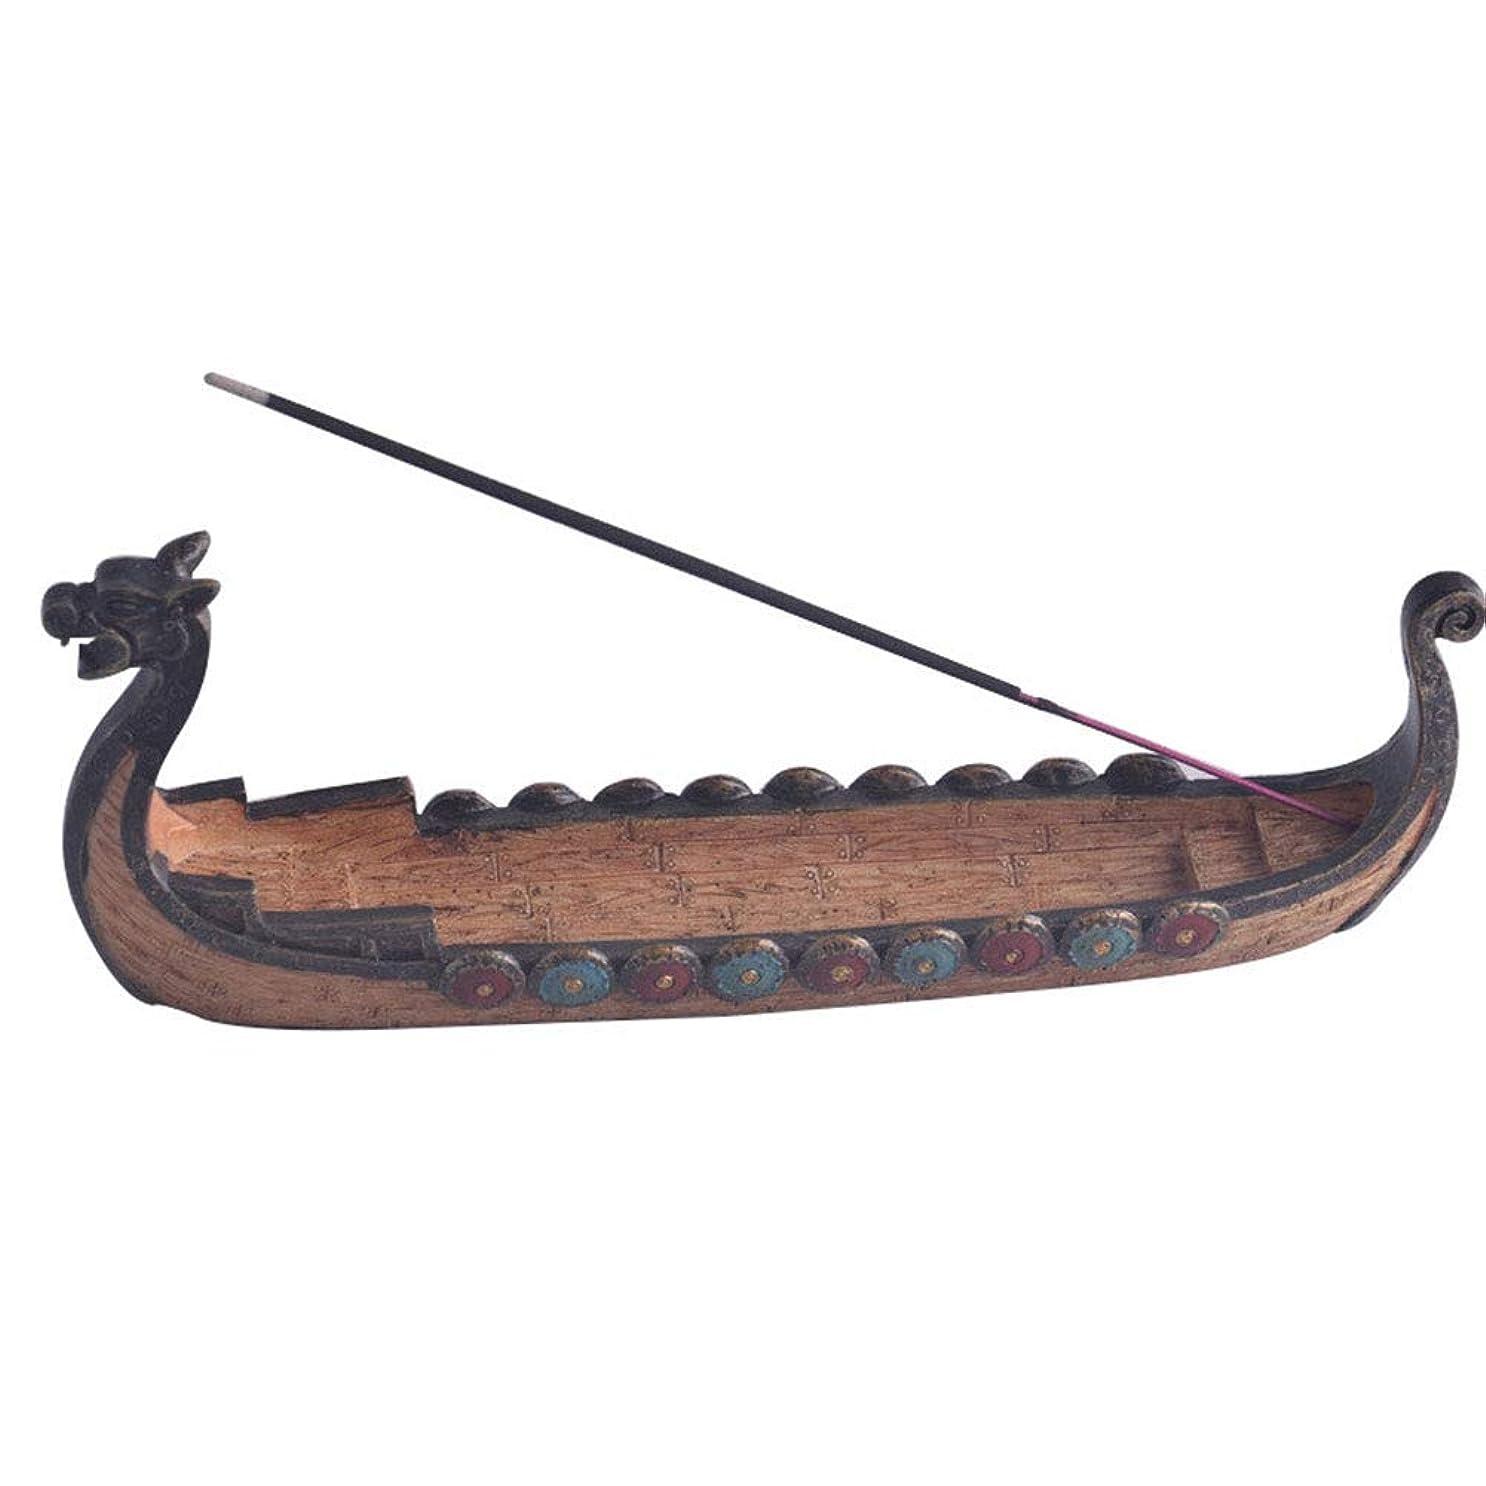 大量標高あいまいさCoolTack スティック香中国の伝統的な家の装飾のためのドラゴンボート型香炉